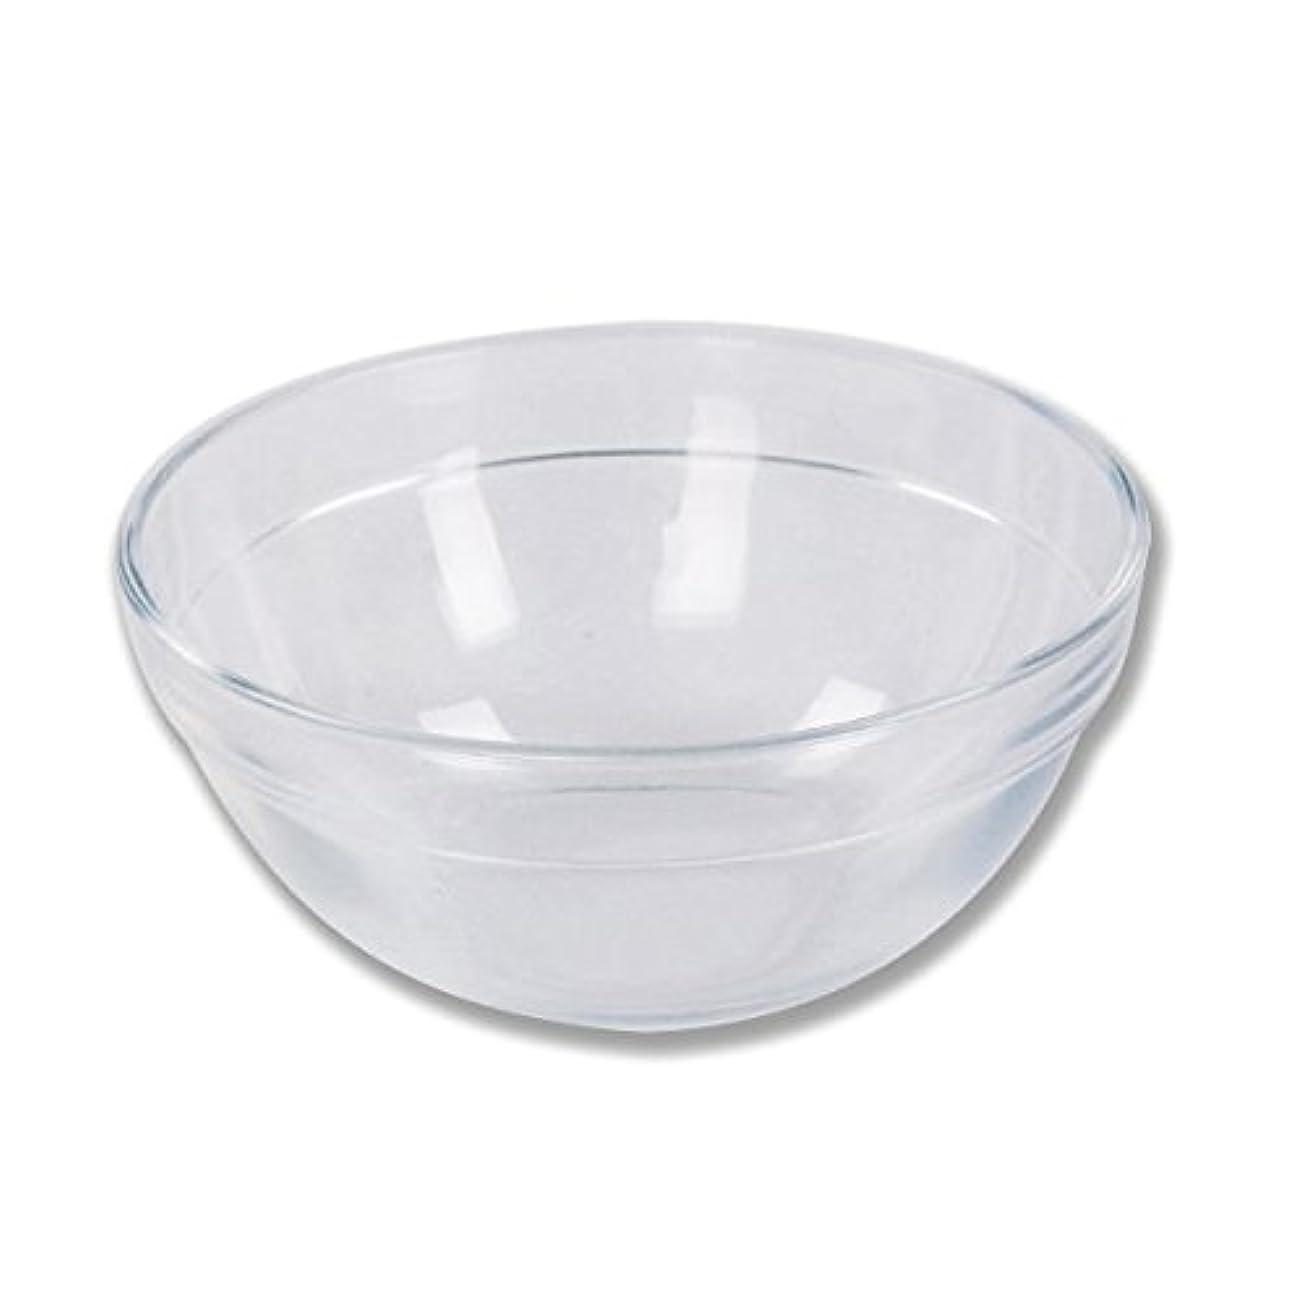 そこからくぼみ中ガラスボウル (XLサイズ) [ ガラスボール カップボウル カップボール エステ サロン ガラス ボウル カップ 高級感 ]